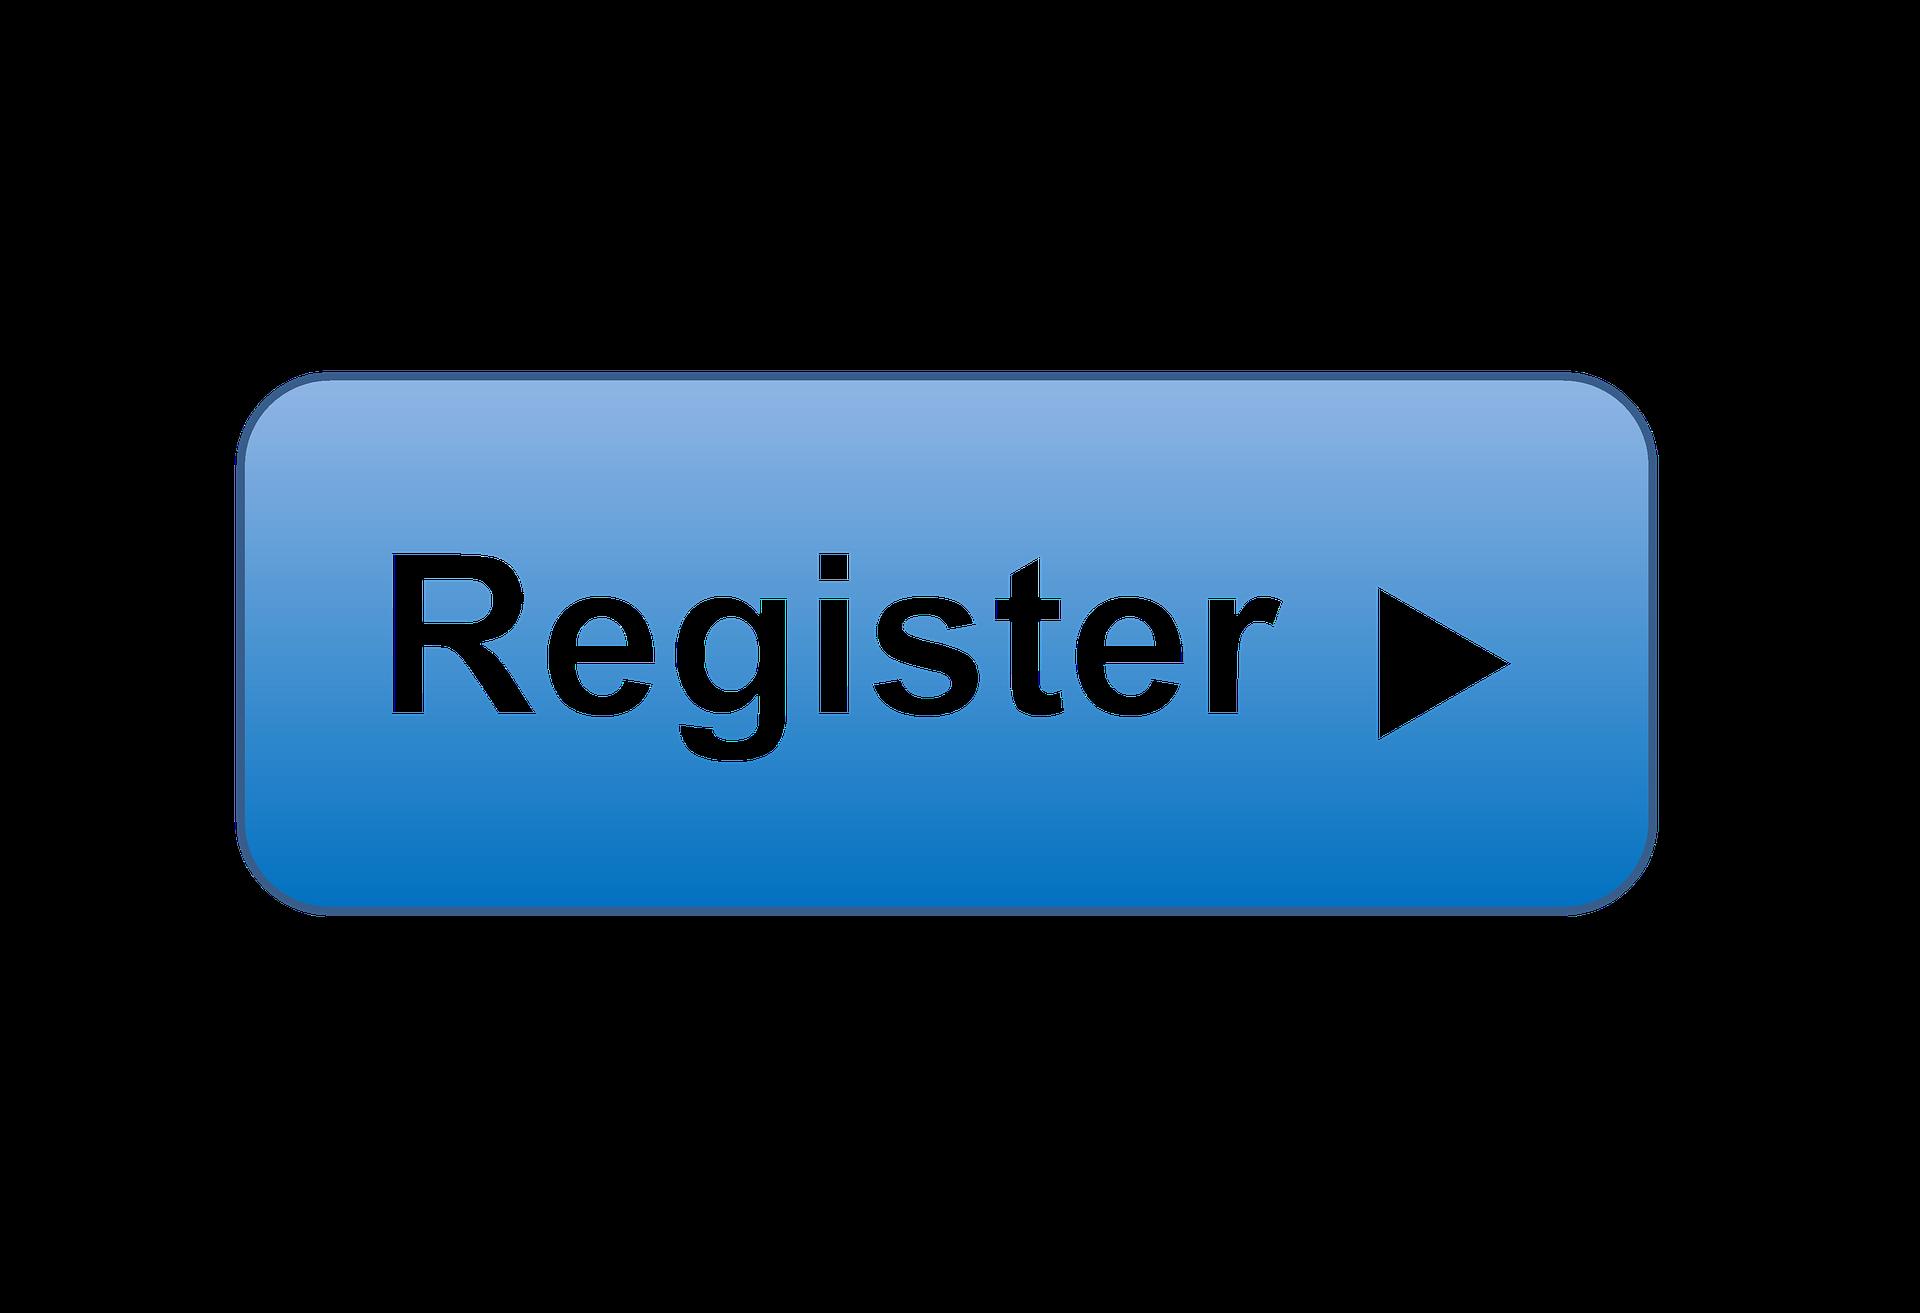 register 1627729 1920